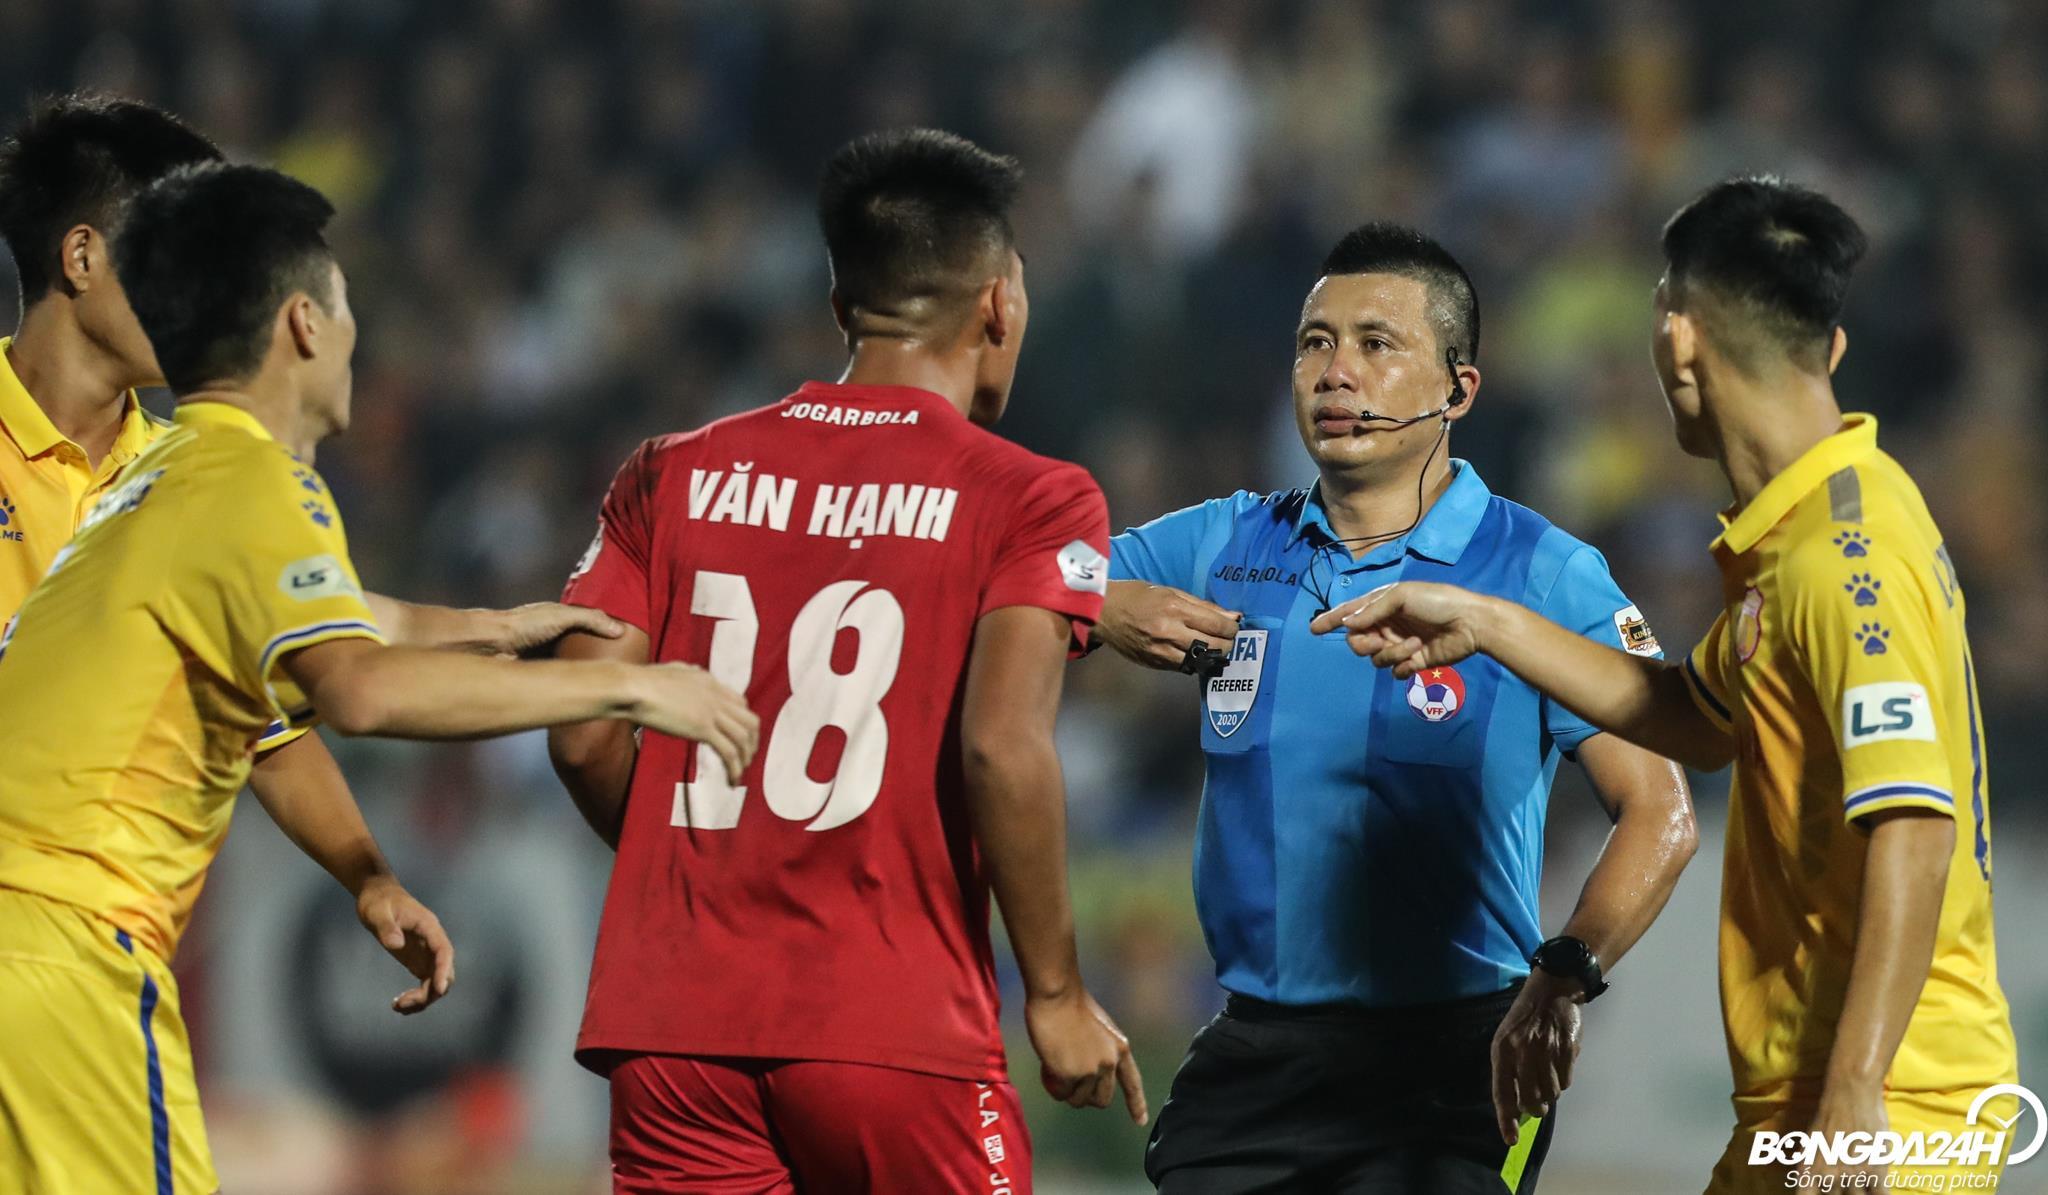 ẢNH Nhận thẻ đỏ, Nguyễn Văn Hạnh bất ngờ tấn công cầu thủ Nam Định trước khi rời sân hình ảnh gốc 2